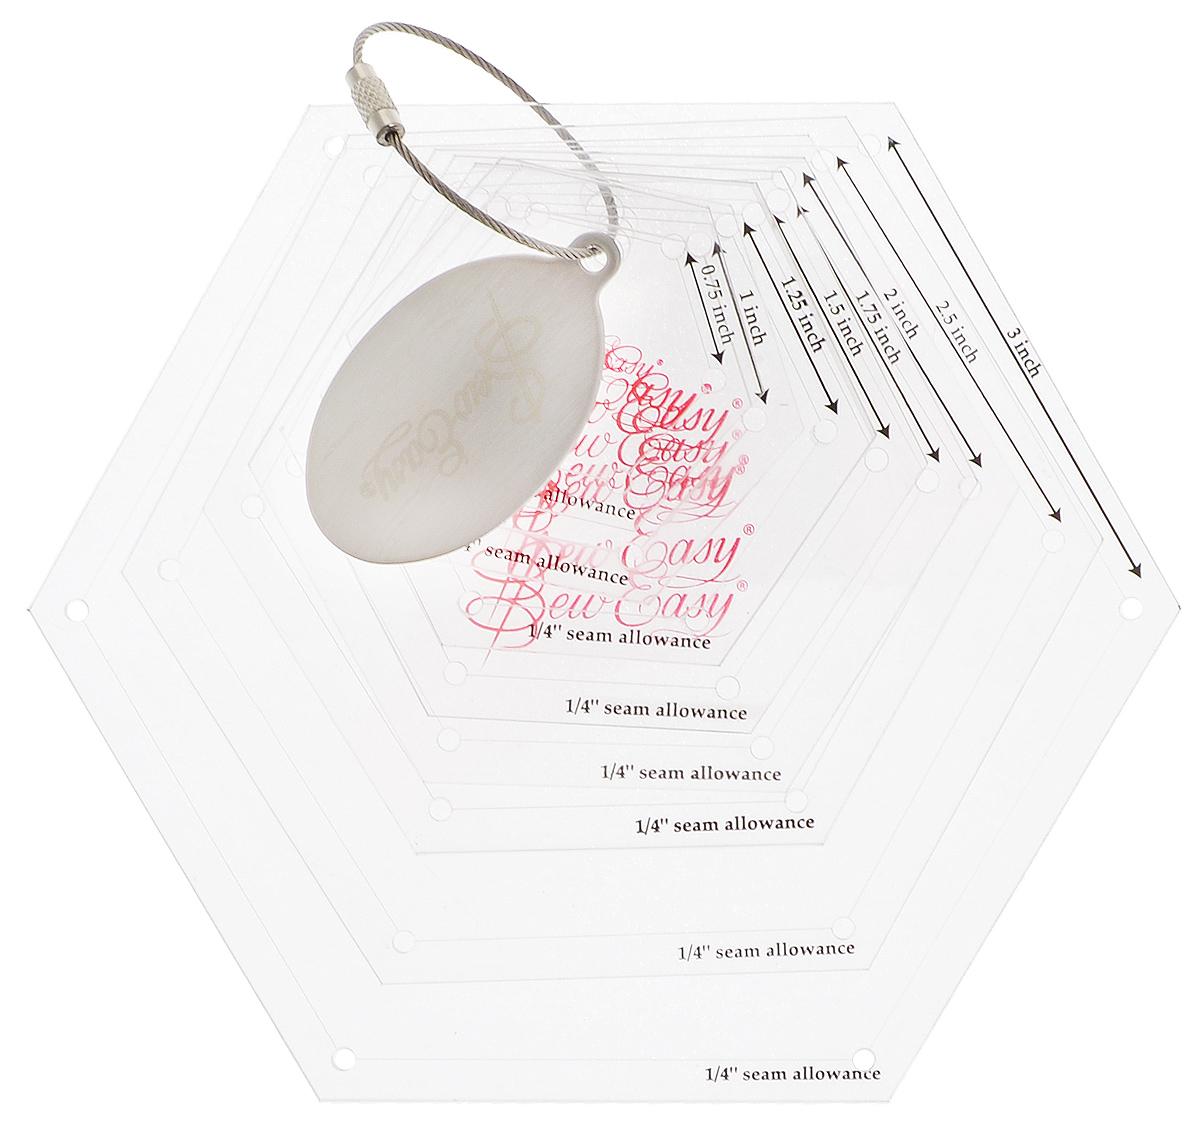 Набор лекал для создания шестиугольников Hemline Sew Easy, 8 размеровNL4160Набор Hemline Sew Easy состоит из 8 лекал разных размеров для создания шестиугольников/гексагонов с равными сторонами (3/4, 1, 1 1/4, 1 1/2, 1 3/4, 2, 2 1/2, 3). Изделия выполнены их прочного акрила, обладающего большим сроком службы. Лазерный срез края обеспечивает ровные и аккуратные линии. Каждое лекало имеет припуск 1/4 дюйма и отверстия для нанесения отметок на ткань. Окончательные размеры шестиугольников определяются расстоянием от одного отверстия до другого. В комплекте специальное металлическое кольцо для компактного и надежного хранения лекал.